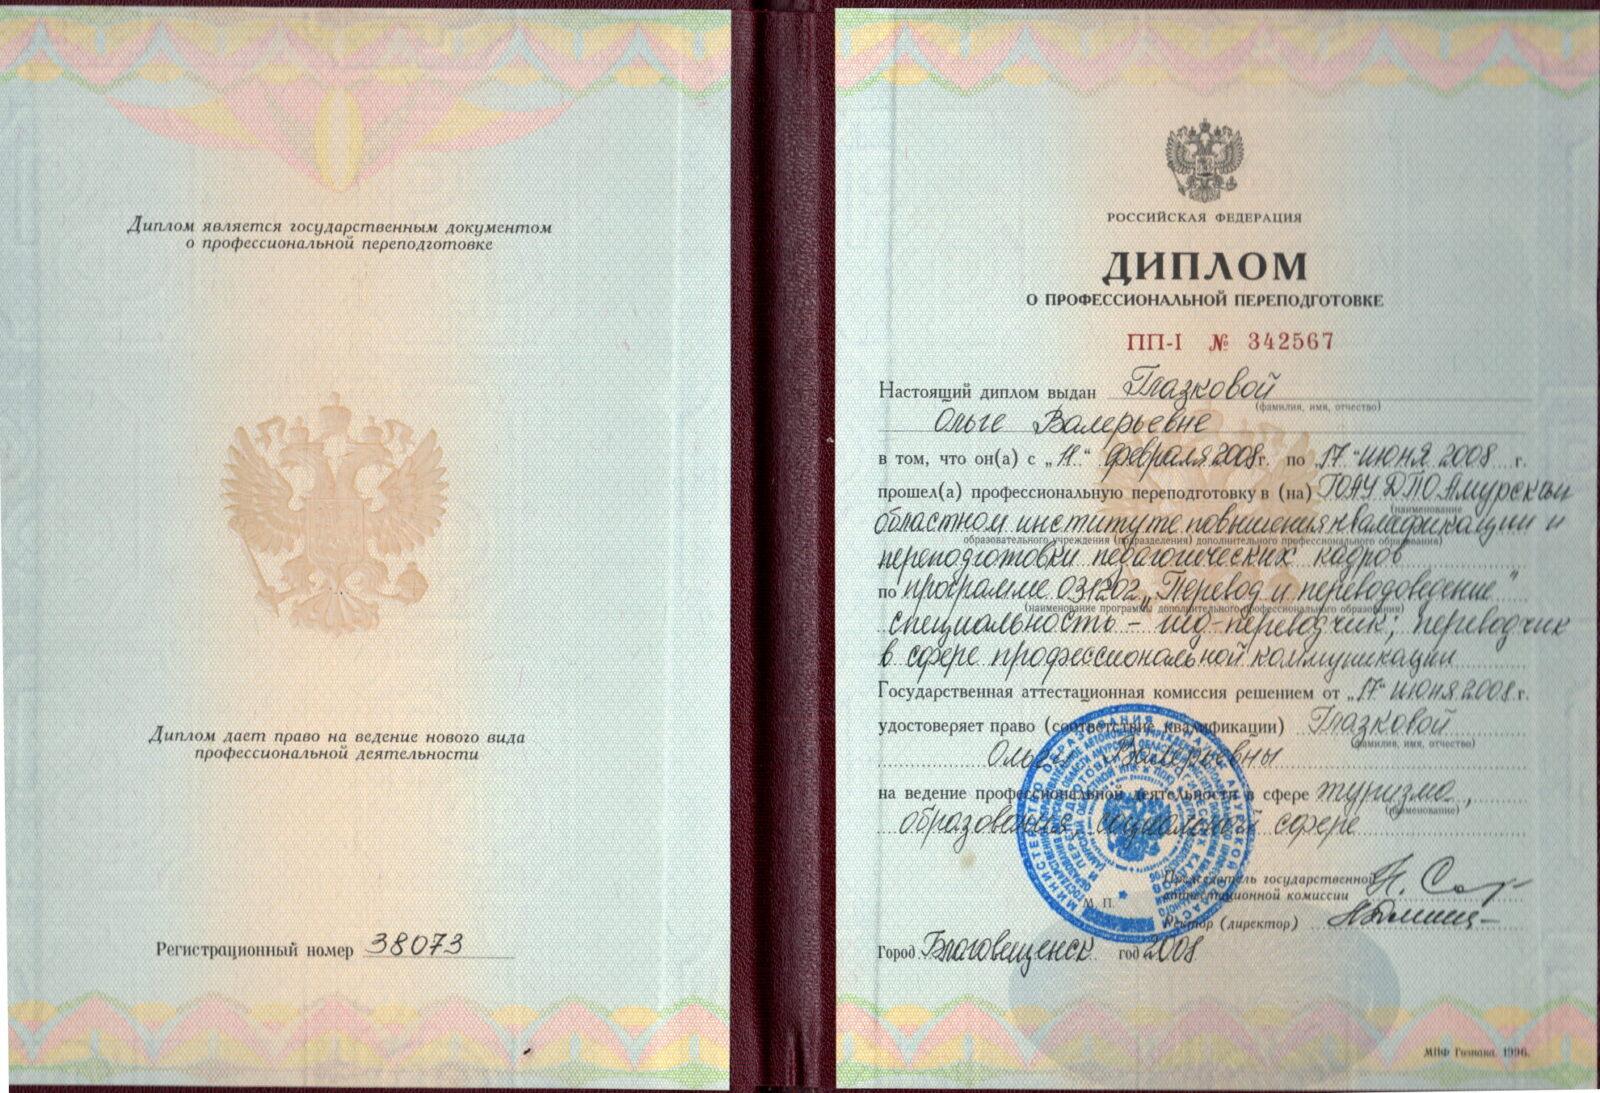 2008.06.17 Диплом